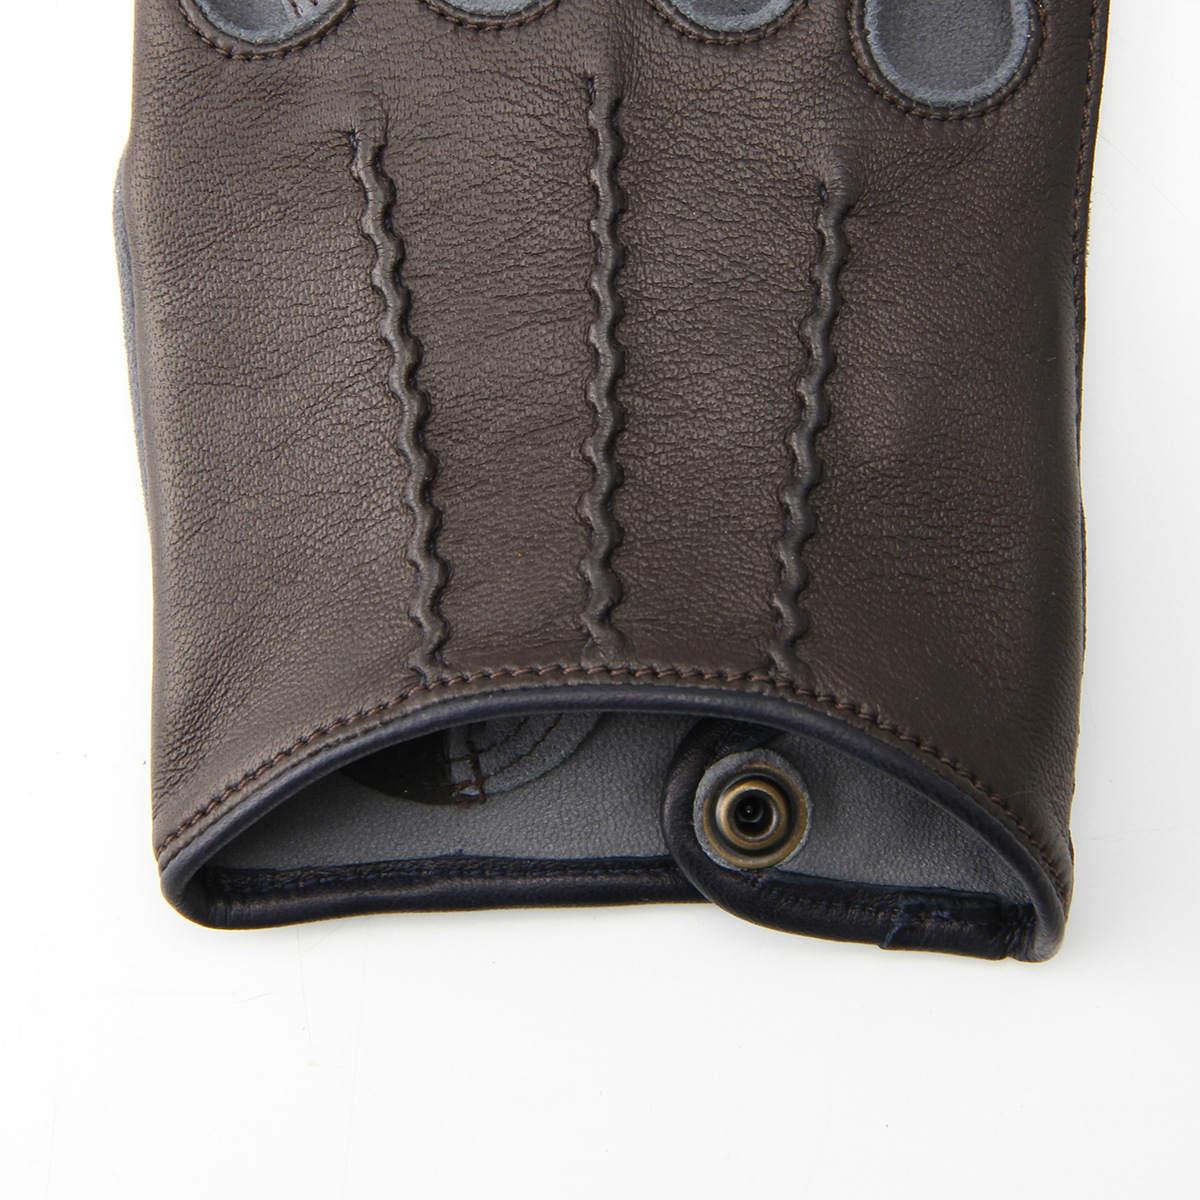 半指 本革 ドライビンググローブ メンズ 羊革 スエード アルタクラッセ カプリガンティ Dブラウン×グレー 保存袋付 箱入